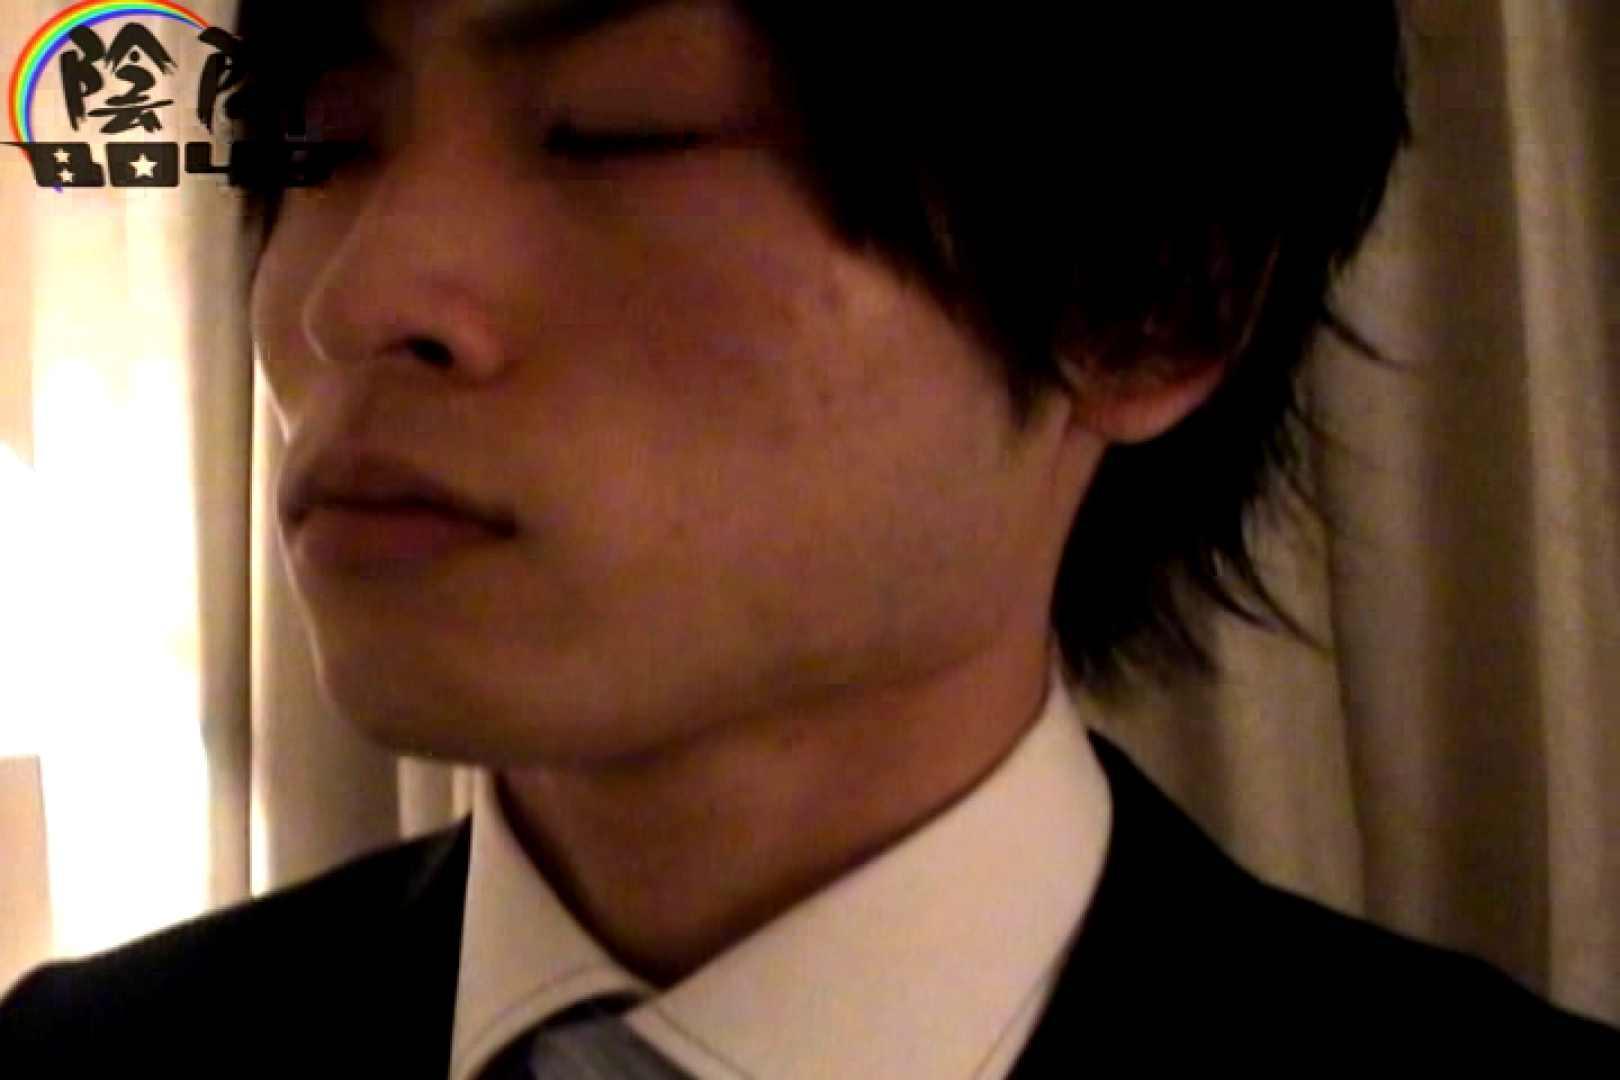 陰間BOYS~IKEMEN Interview~01  ノンケ君達の・・ 尻マンコ画像 105枚 60